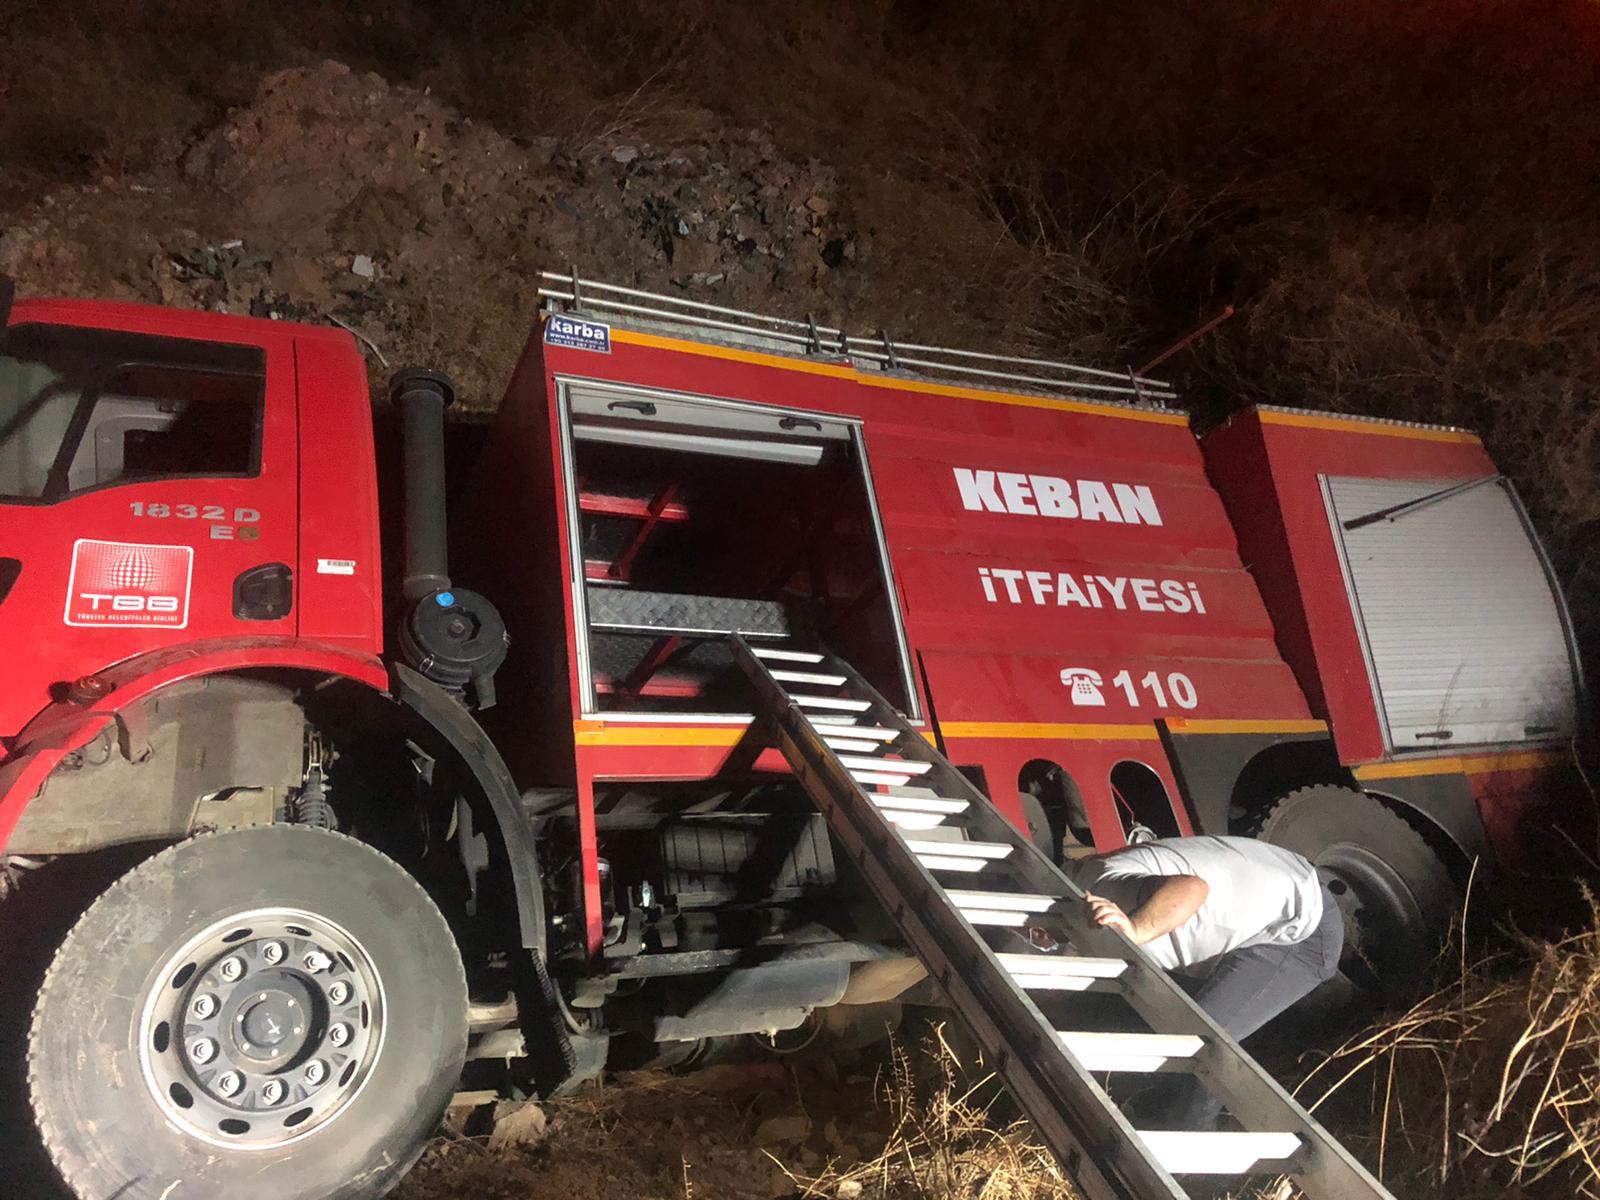 Devrilen kamyona müdahaleye gidiyorlardı! İtfaiye aracı devrildi, 3 kişi yaralandı